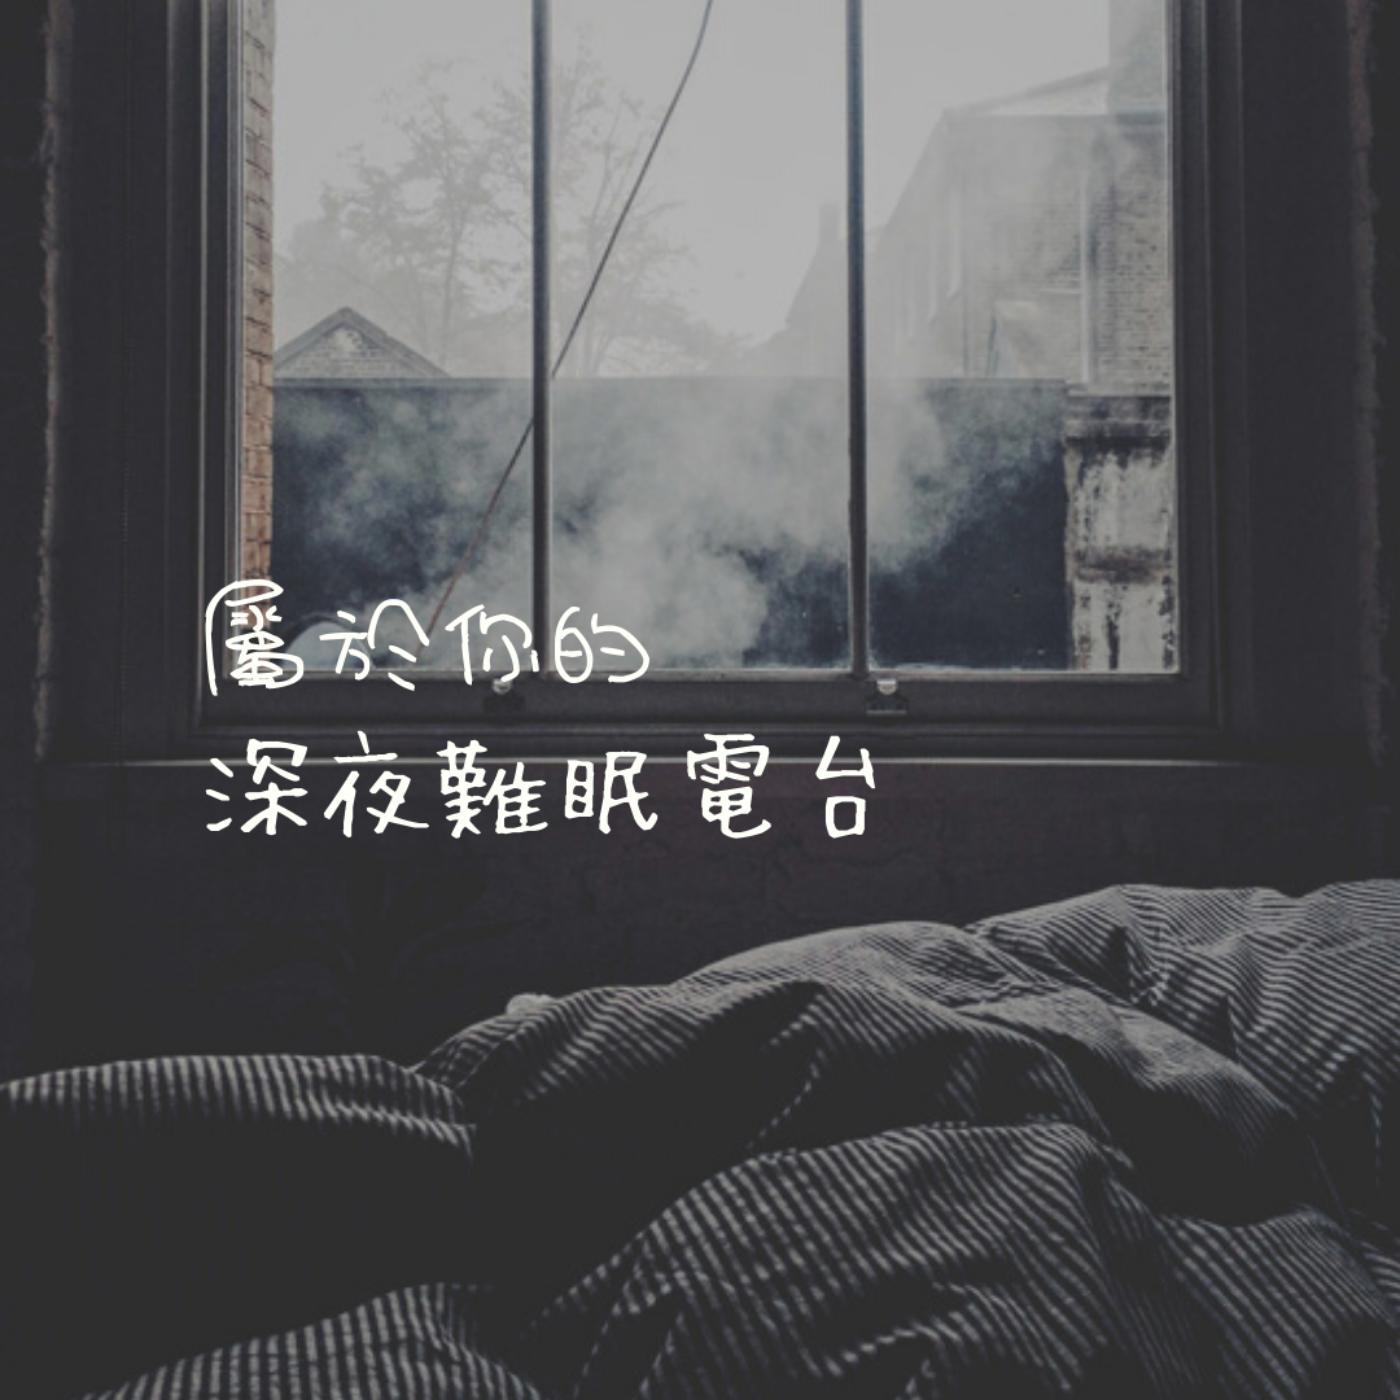 深夜難眠電台